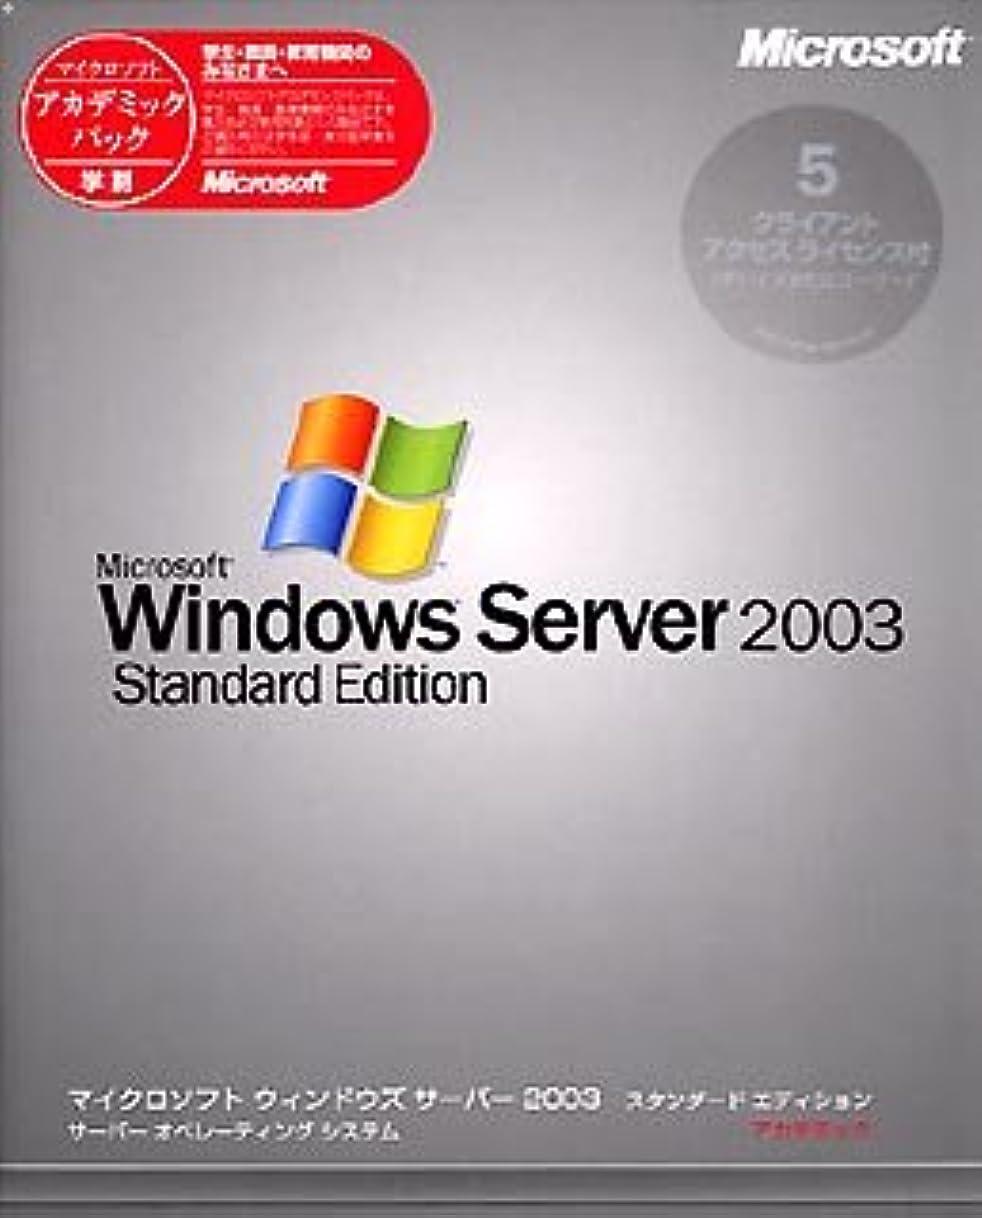 フォローポジションボイラーMicrosoft Windows Server 2003 Standard Edition アカデミックパック 5クライアントアクセスライセンス付